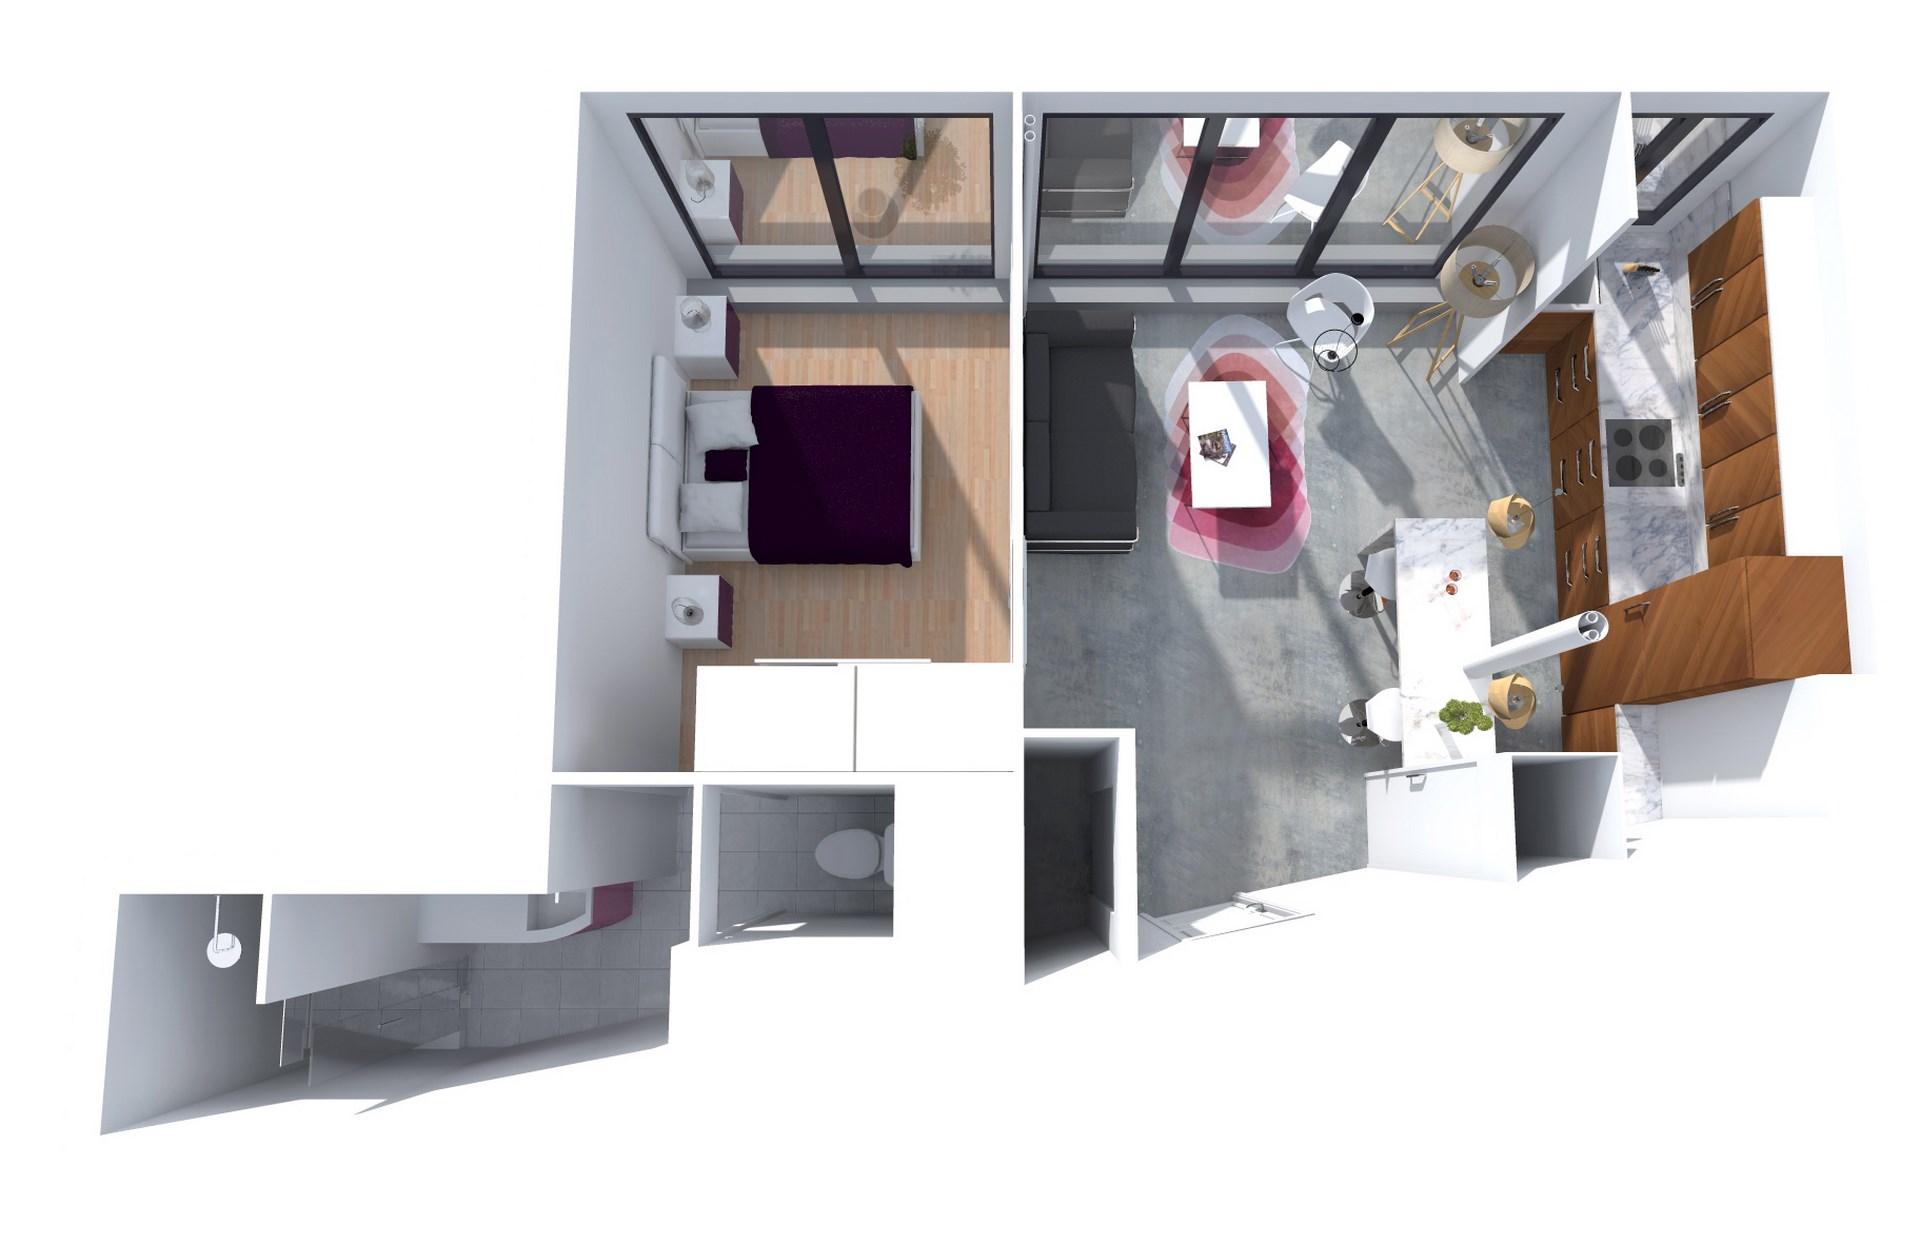 architecte interieur paris marbre bois mosaique renovation agence avous